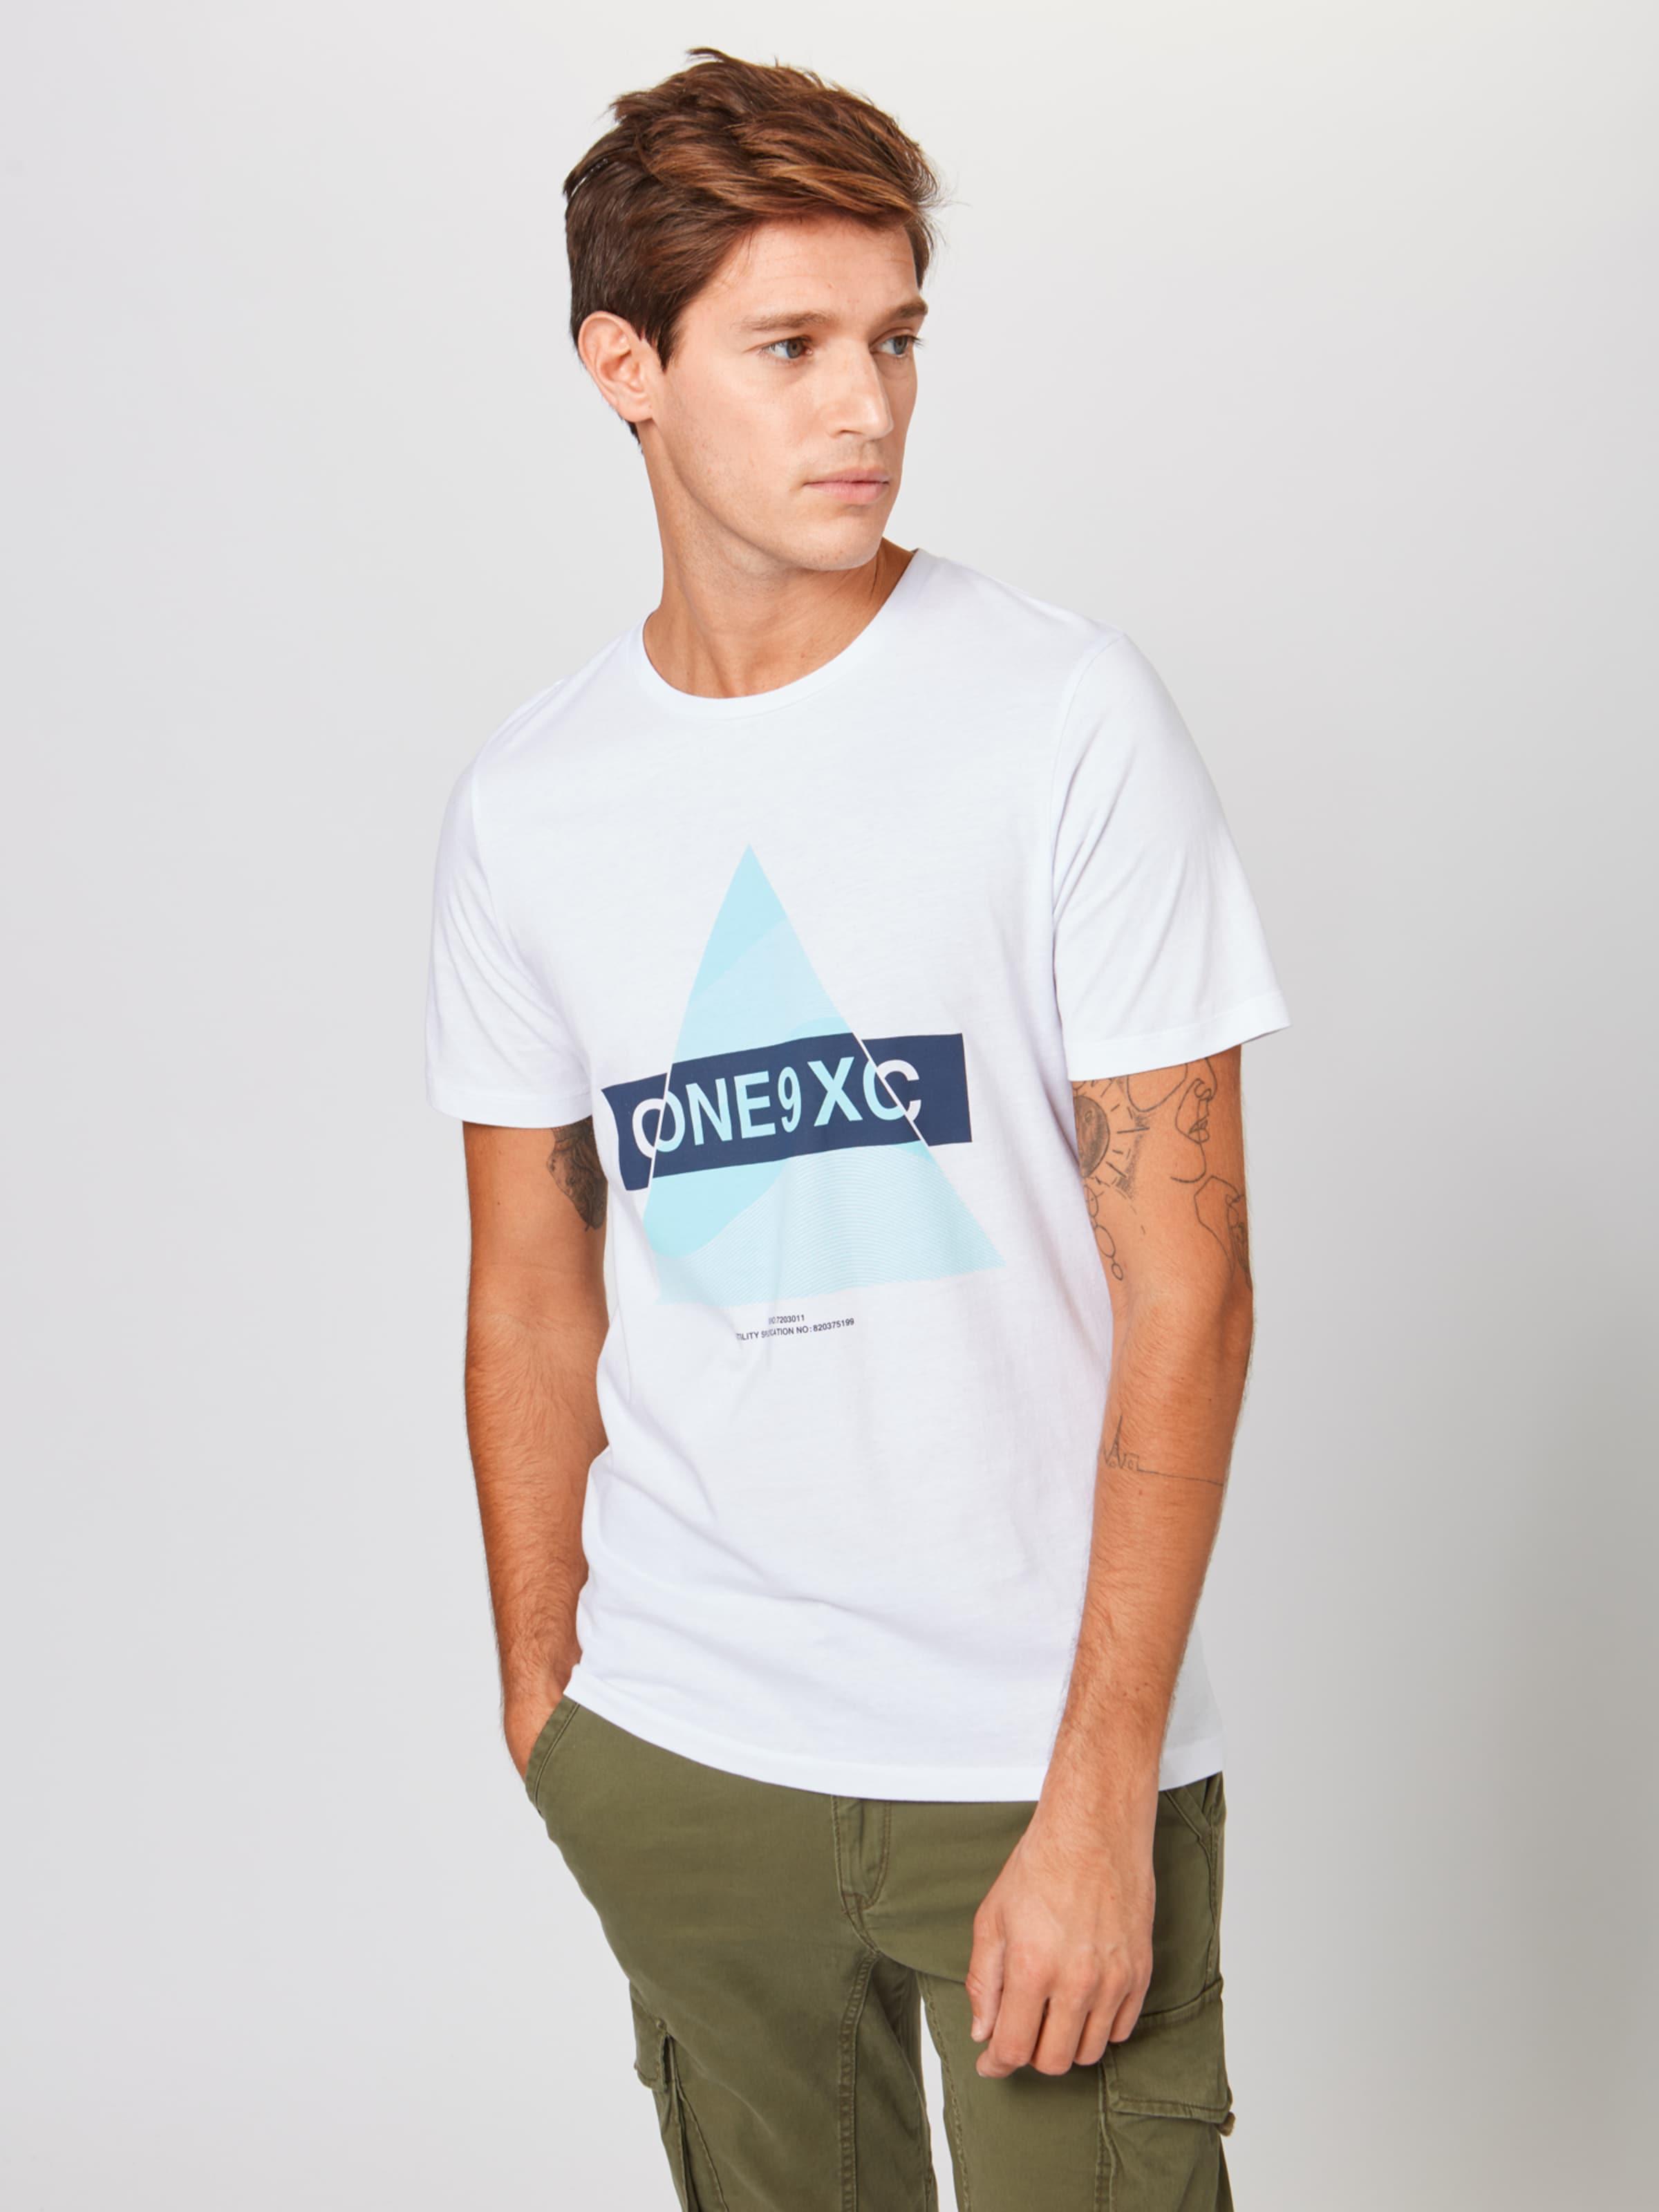 T BleuBlanc Jackamp; 'booster Tee' shirt En Jones 5Lq4Rjc3A